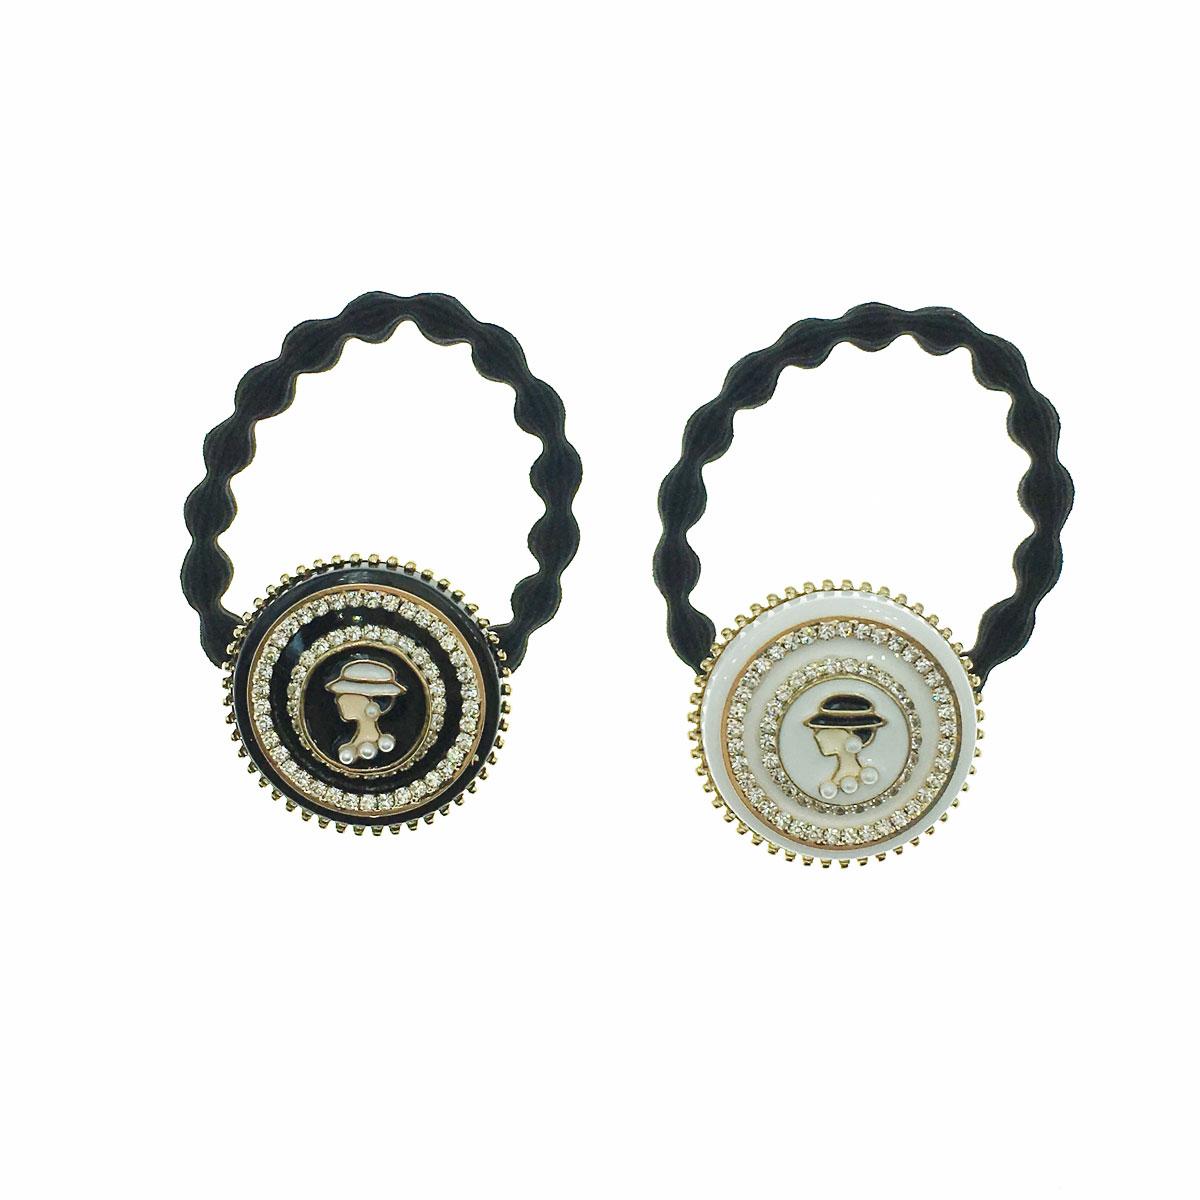 韓國 水鑽 珍珠 小香風 女人 兩色 髮束 髮圈